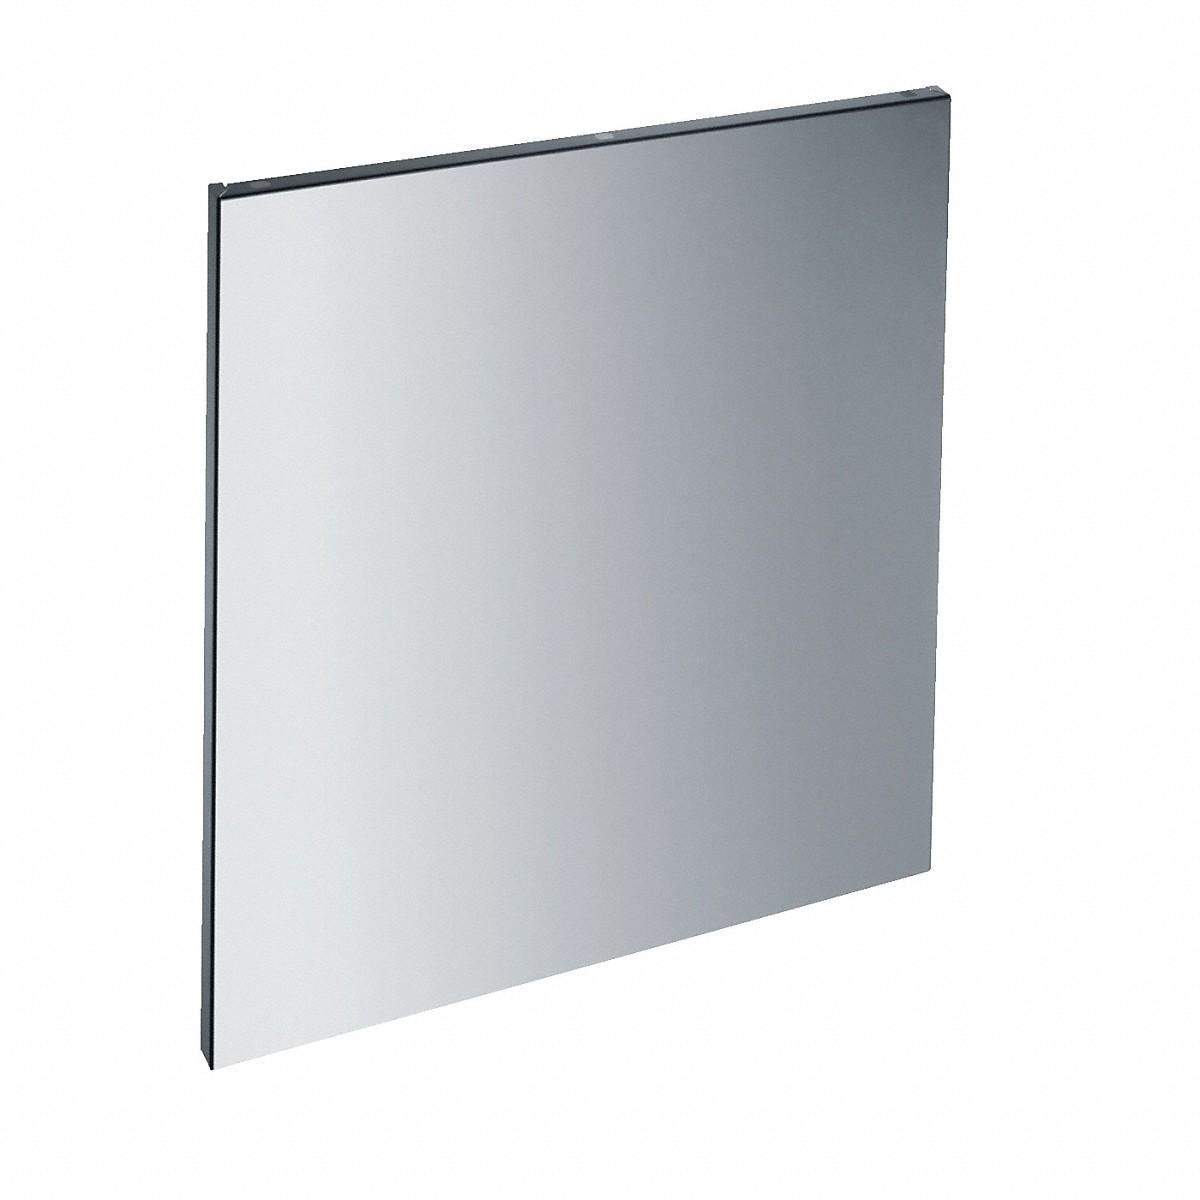 miele gfv 60 57 1 habillage frontal i l x h 60 x 57 cm. Black Bedroom Furniture Sets. Home Design Ideas